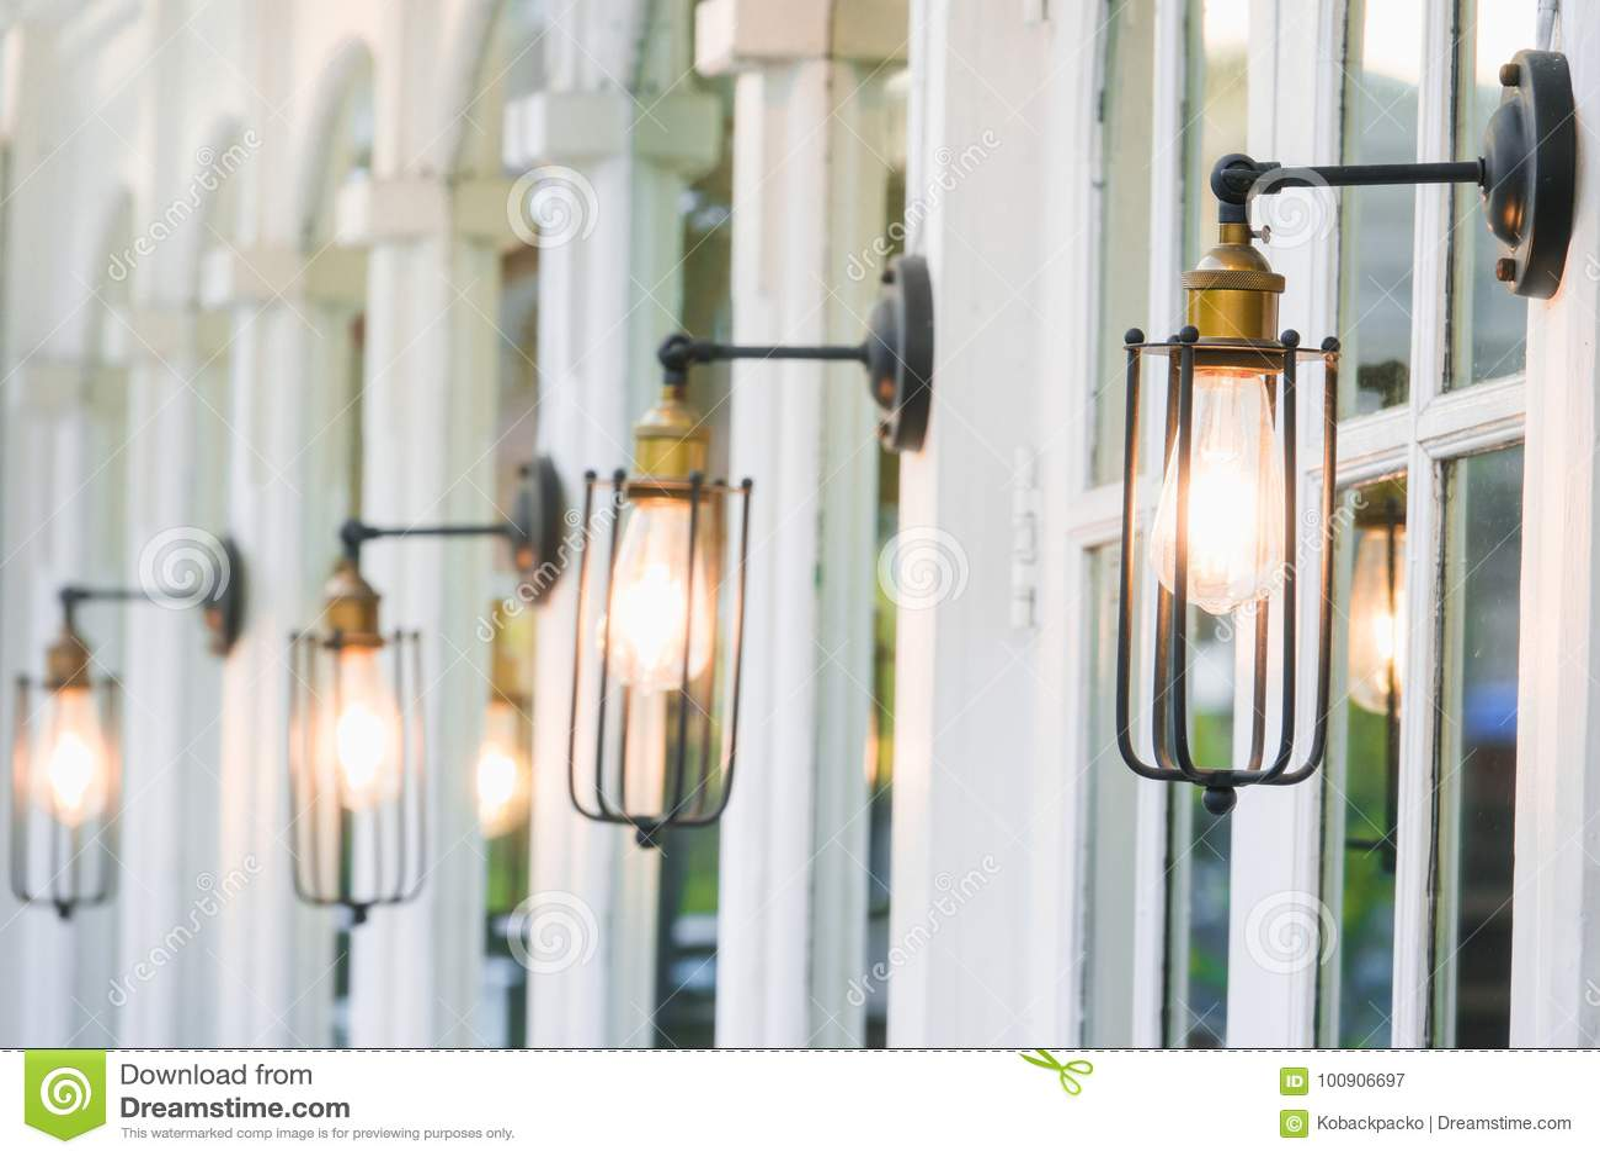 Decorazione d 39 annata di illuminazione sulle finestre for Decorazione finestre